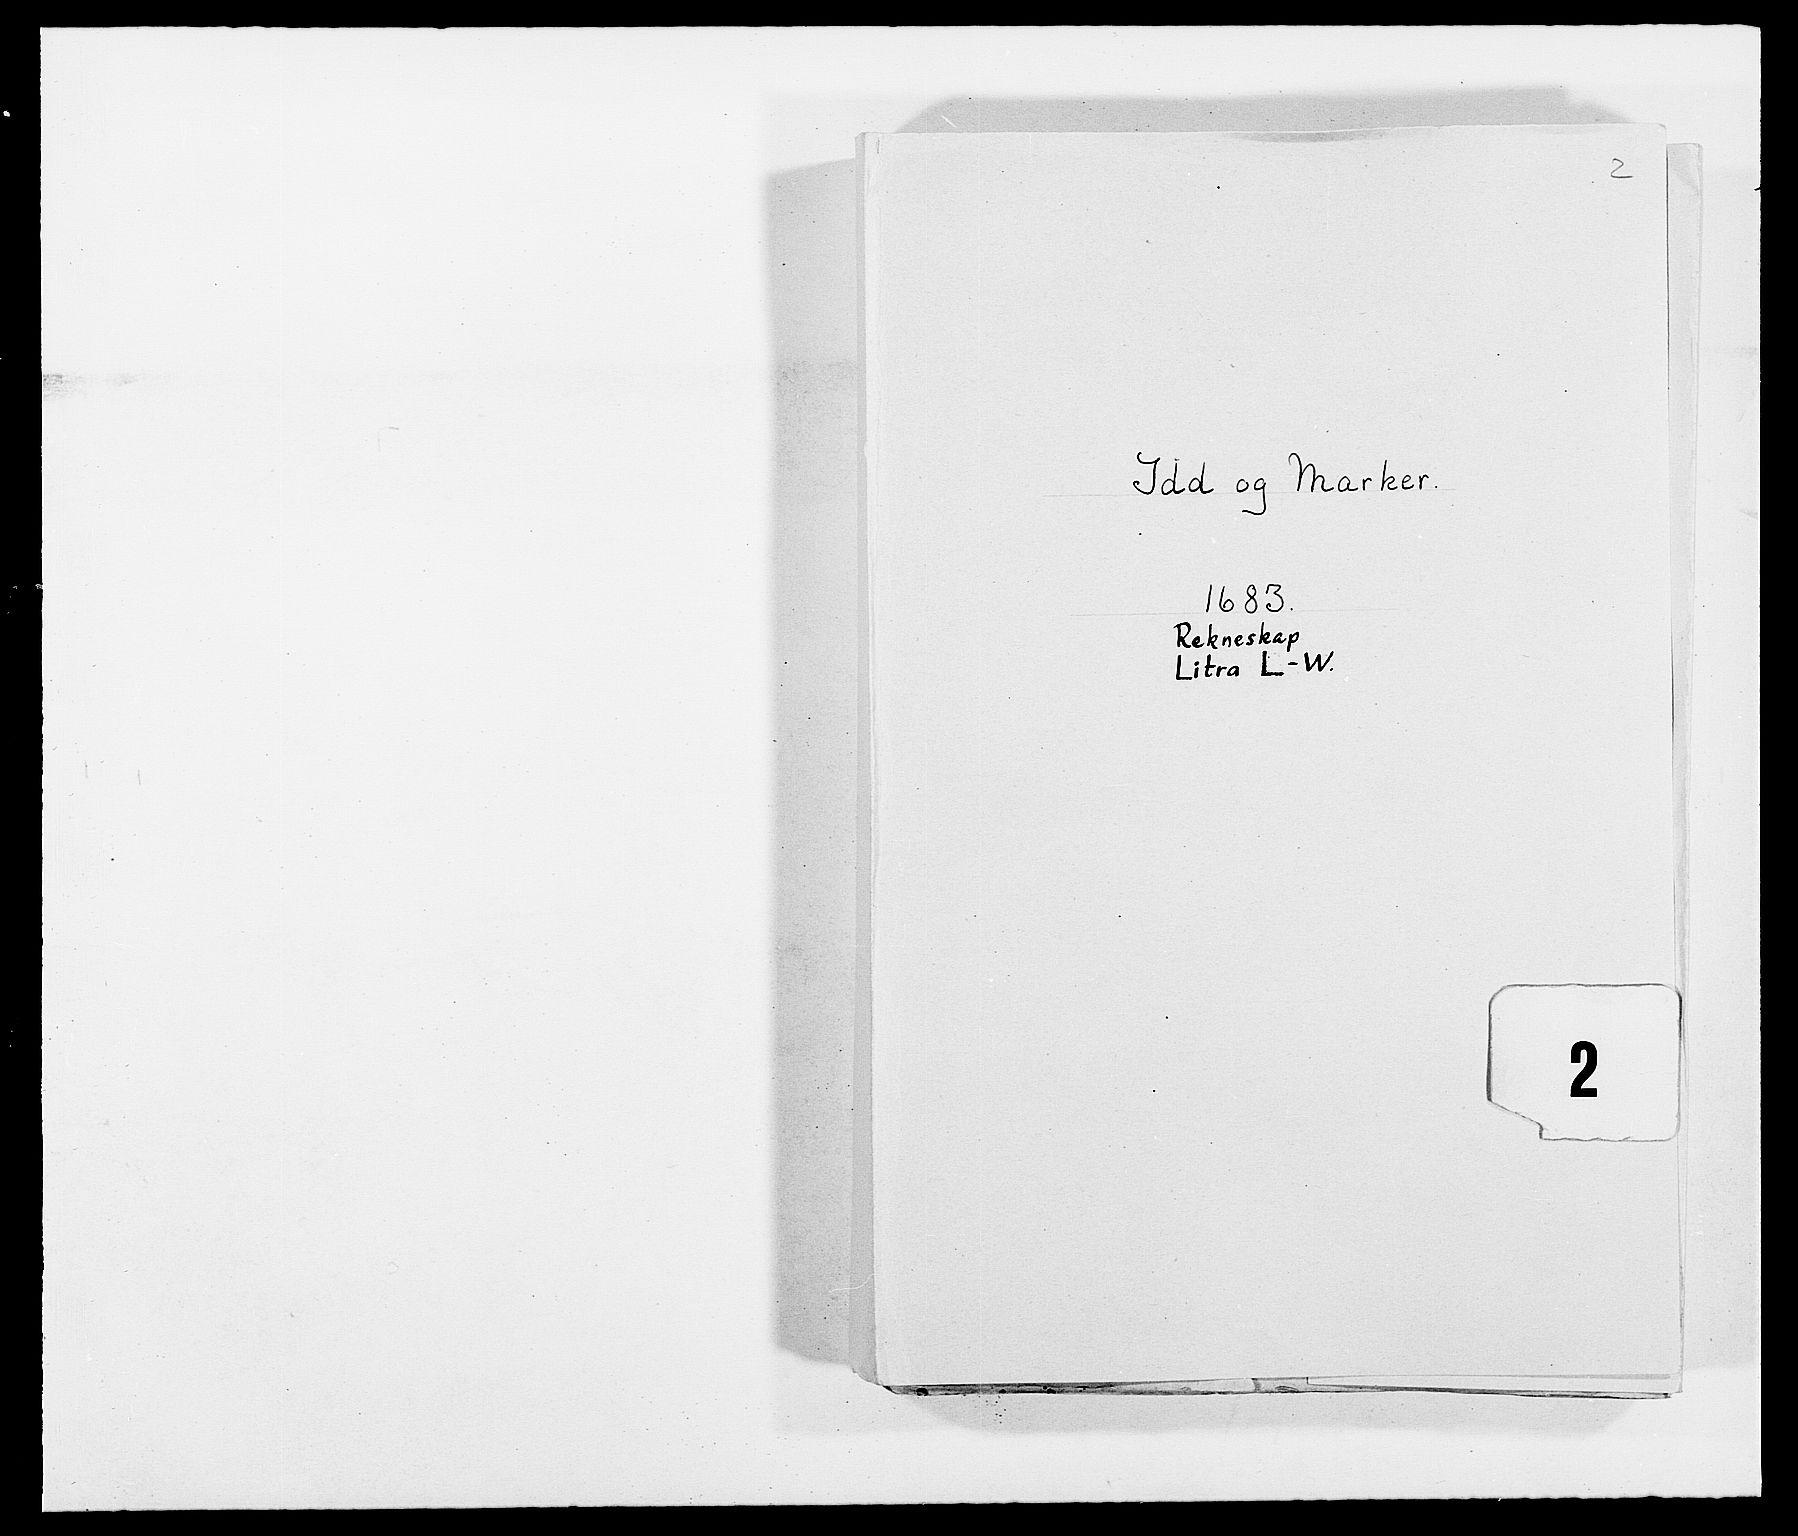 RA, Rentekammeret inntil 1814, Reviderte regnskaper, Fogderegnskap, R01/L0004: Fogderegnskap Idd og Marker , 1682-1683, s. 160